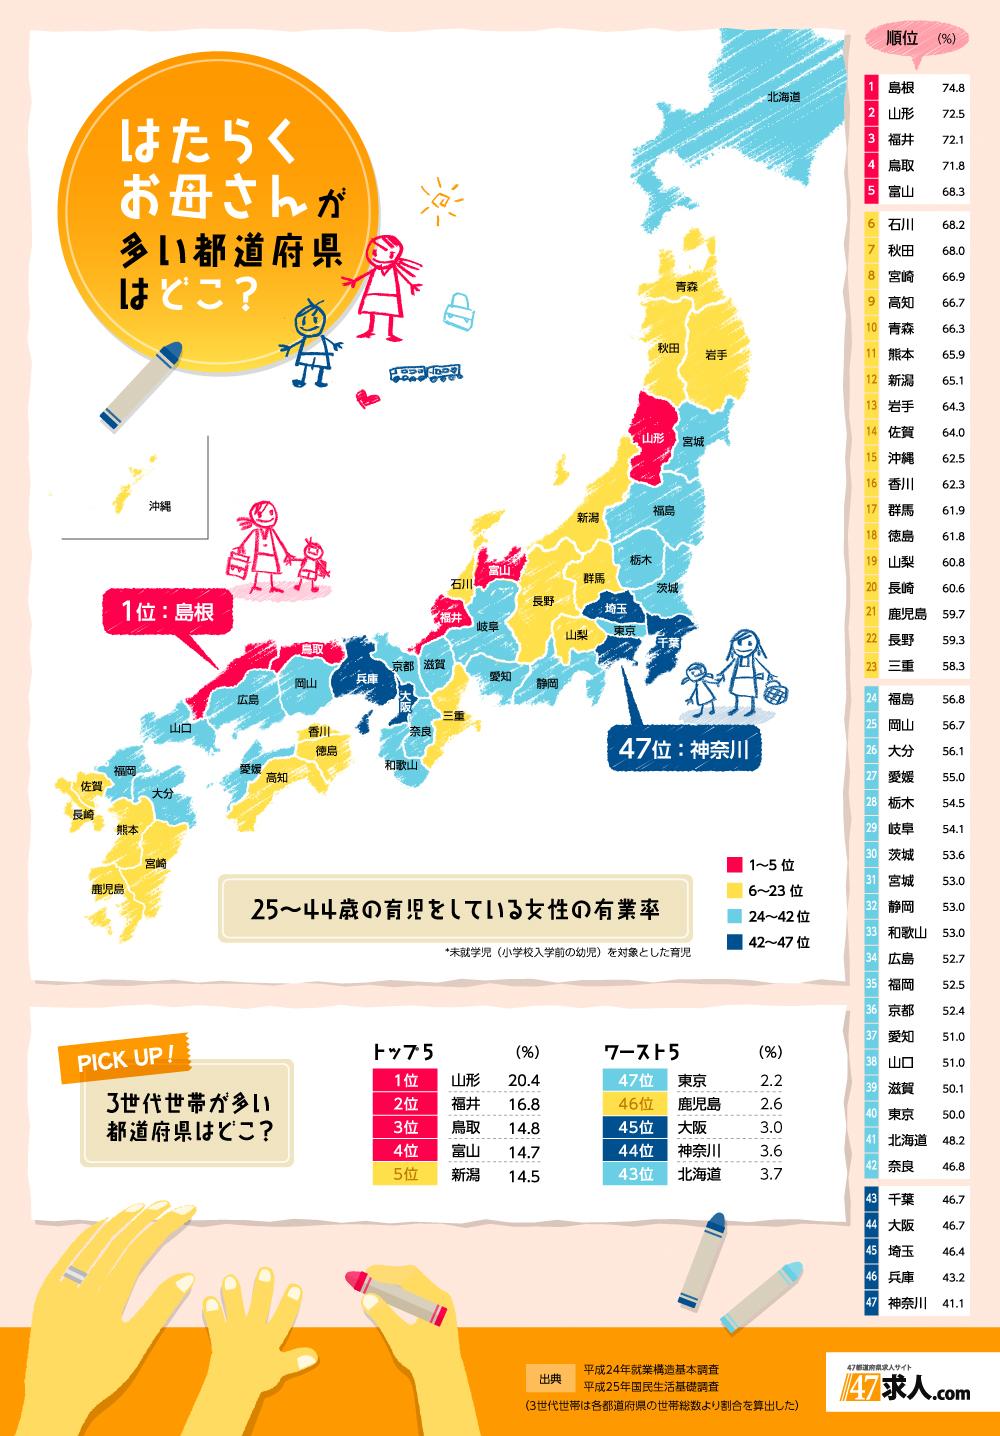 インフォグラフィック:ママが働く日本海側の都道府県多い謎。理由は3世代世帯の住居環境?